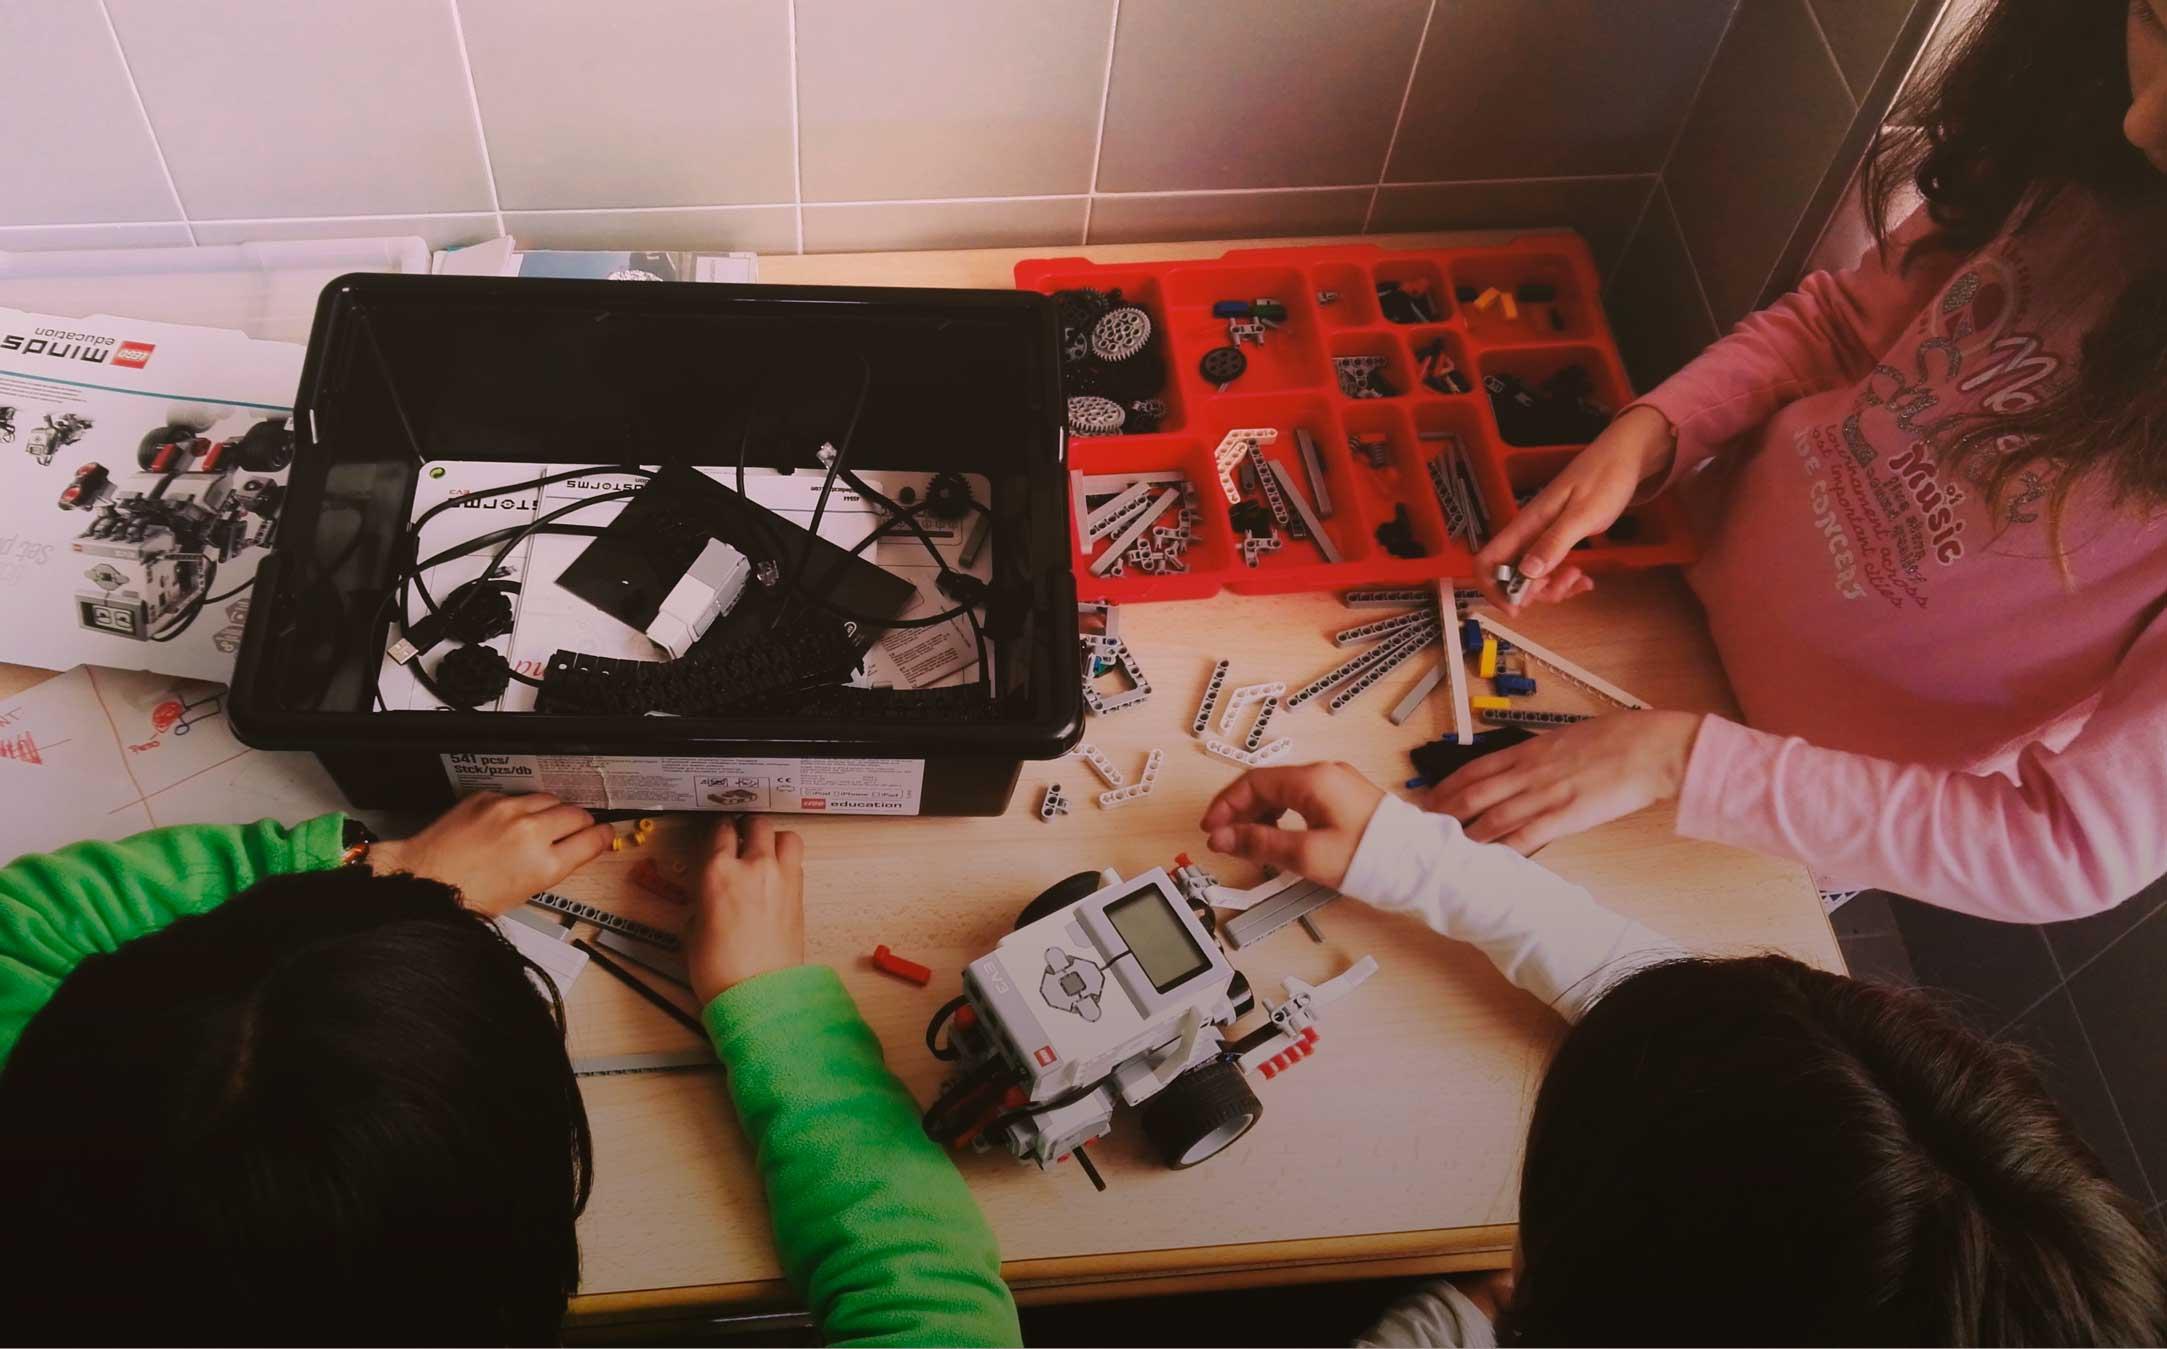 Entorno estimulante y de colaboración